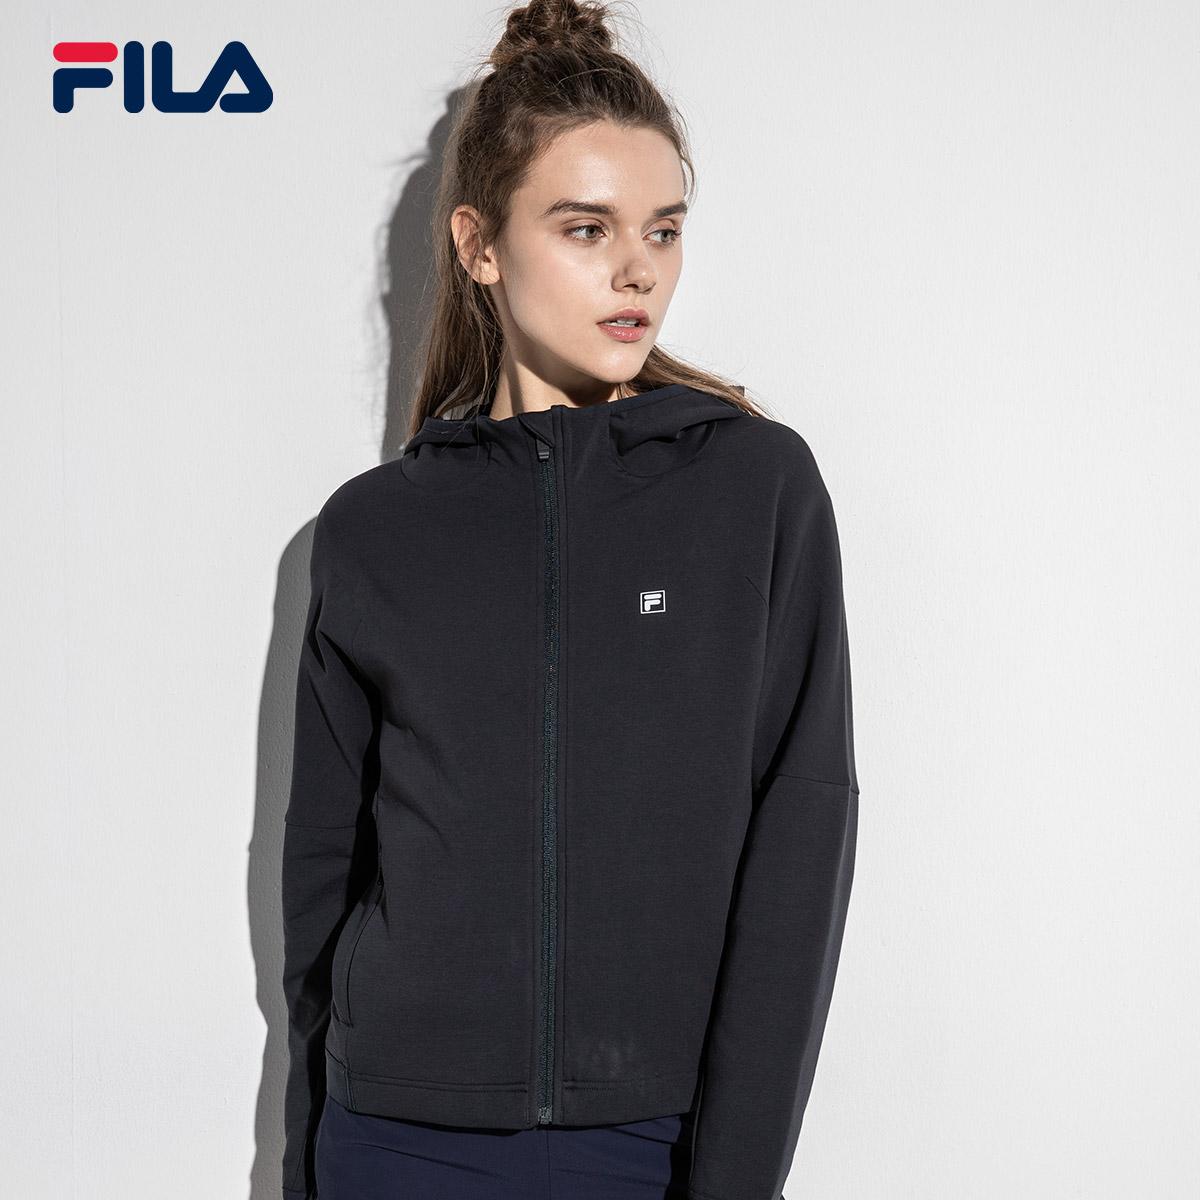 FILA斐乐外套女2018秋季新款运动休闲针织连帽外套健身训练外套女